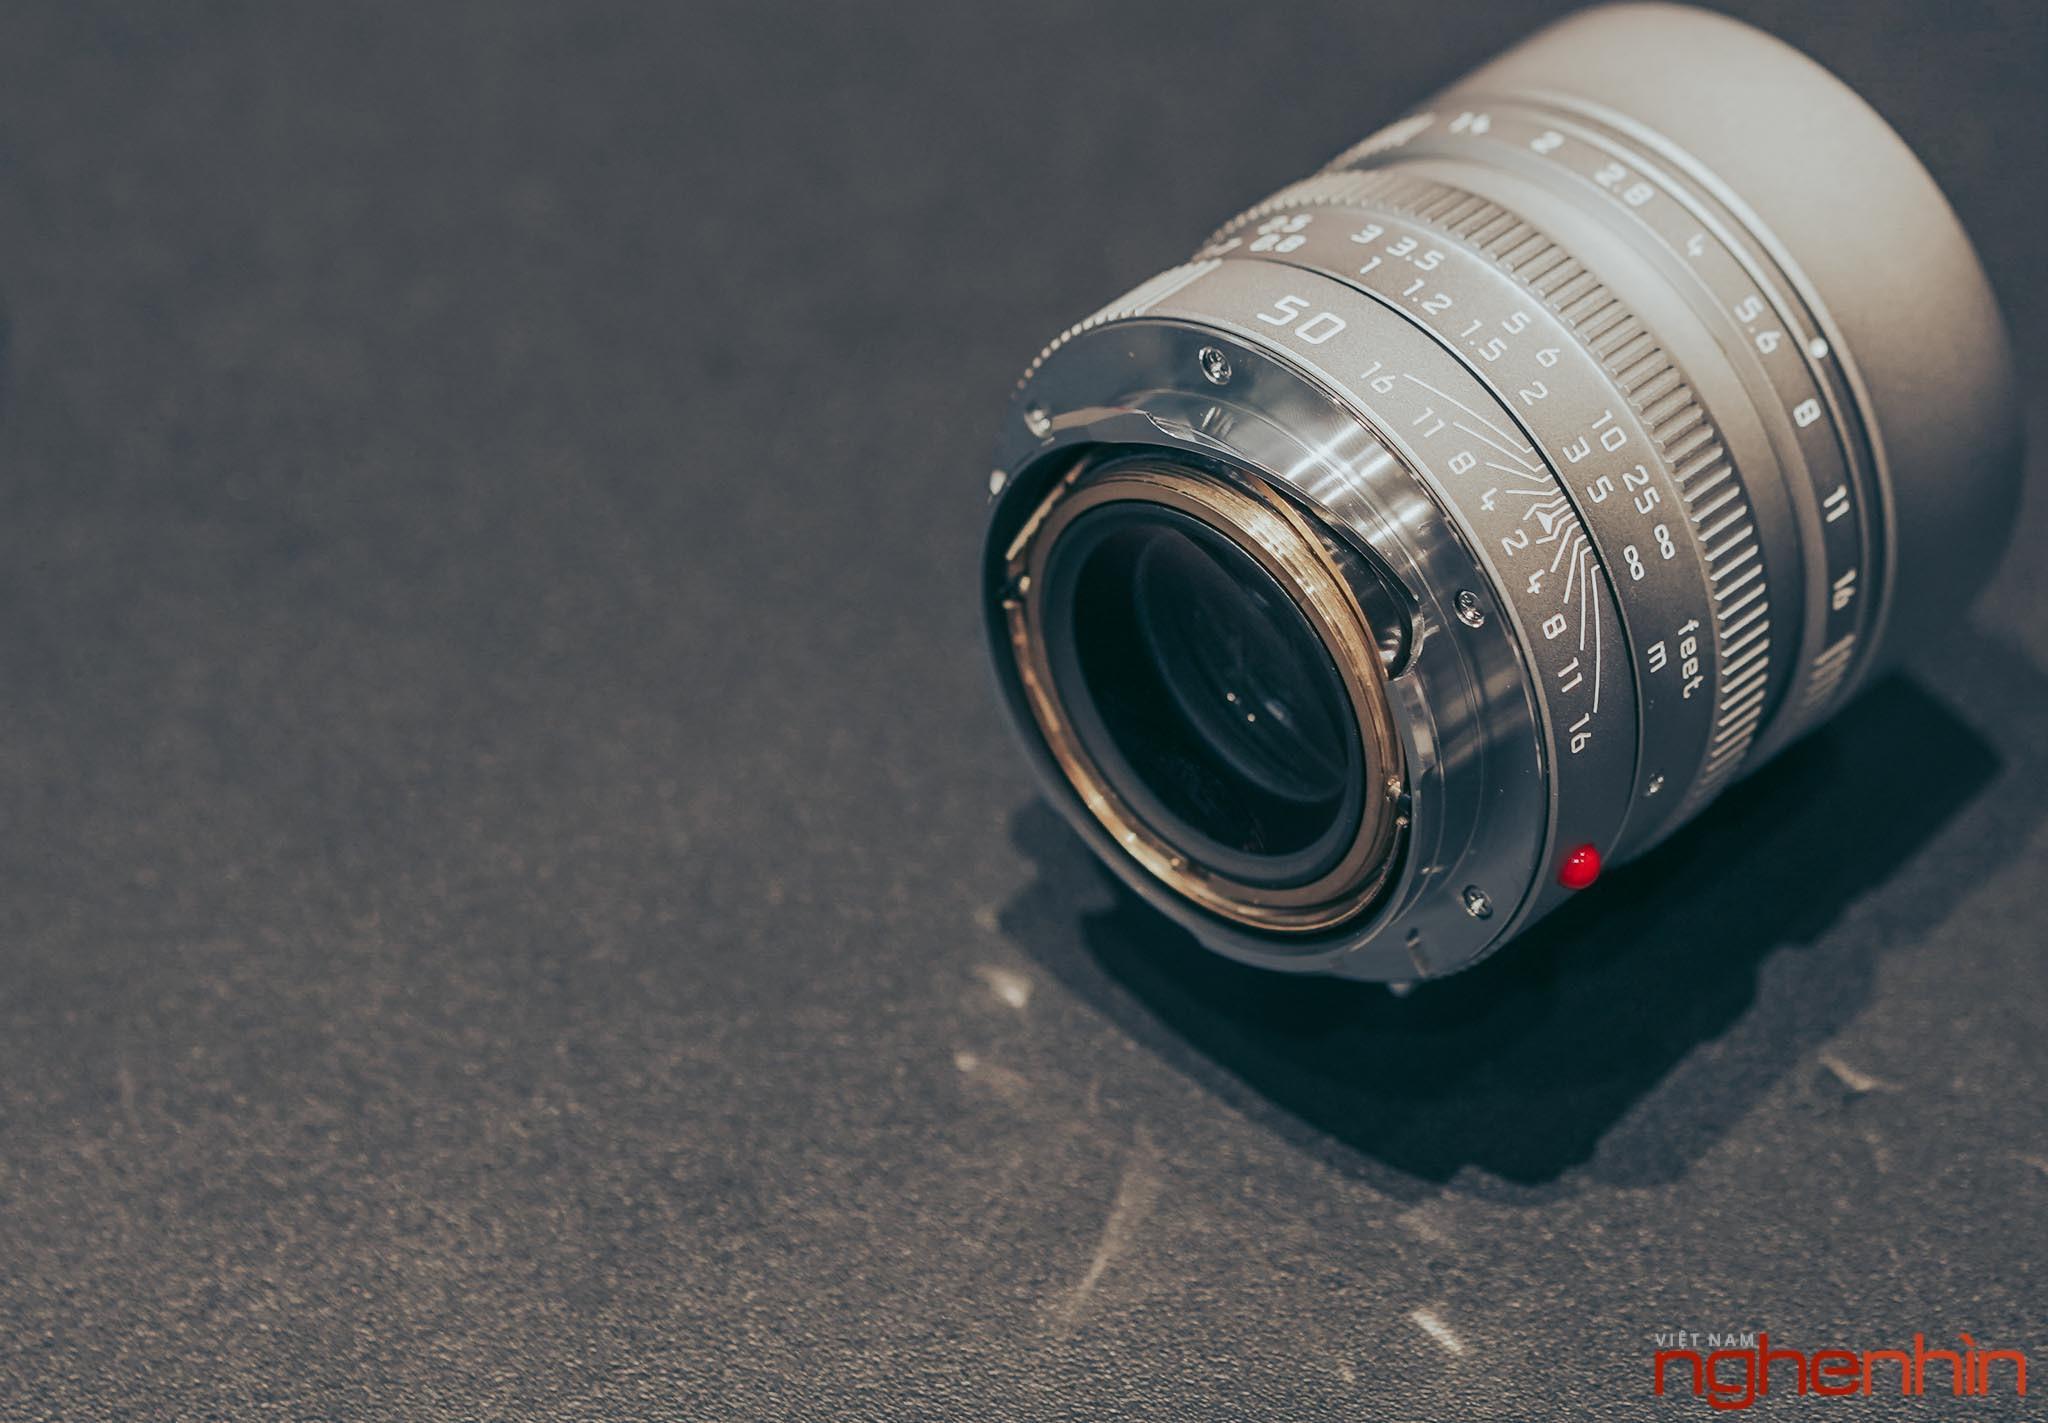 Trên tay Leica M10-P 'White' Edition tại Việt Nam: giá 420 triệu, giới hạn 350 chiếc Ảnh 8